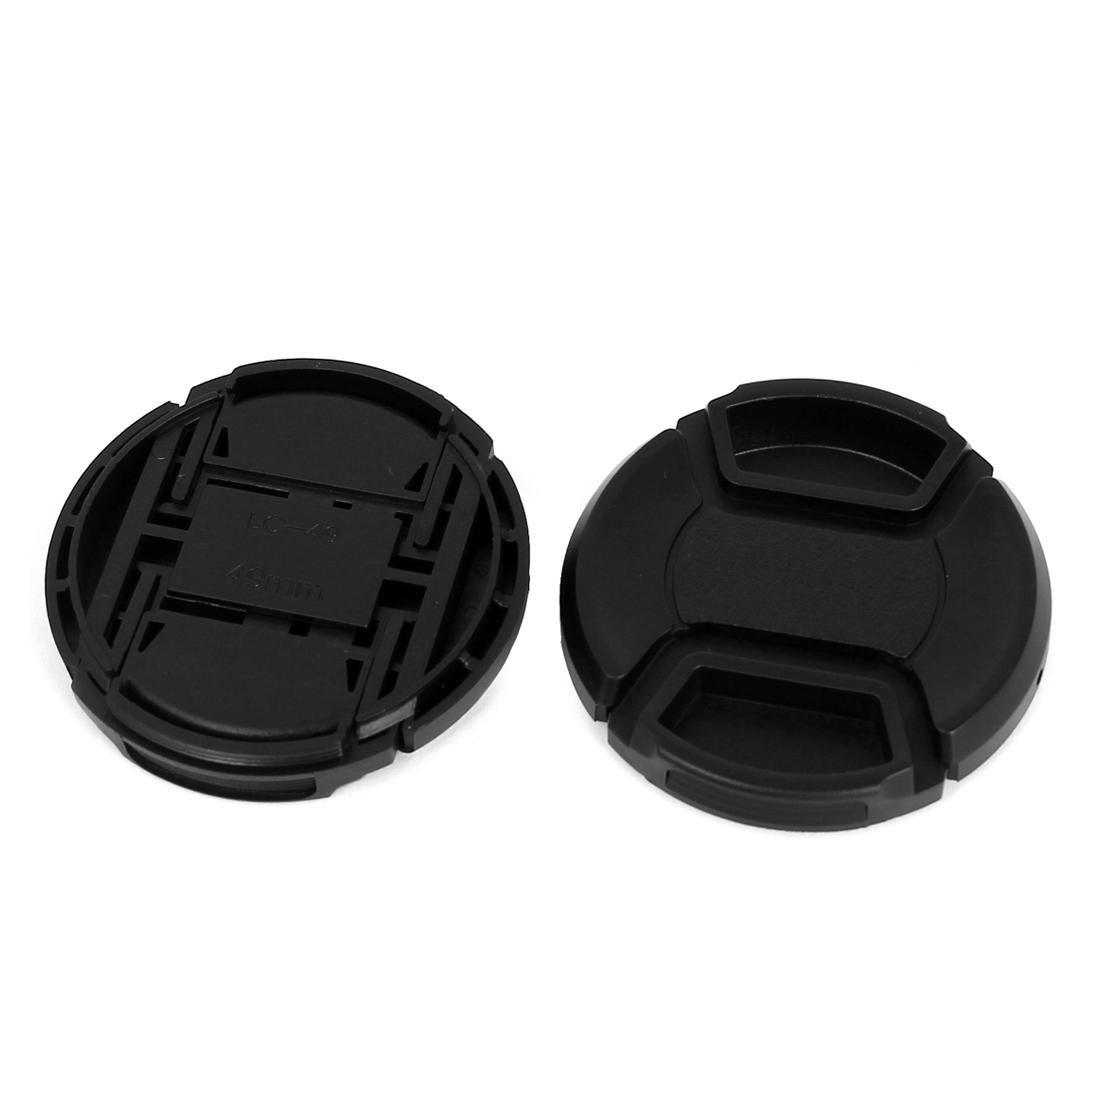 49mm Dia Plastic Front Snap Digital Camera Lens Caps Cover Protector Black 2Pcs